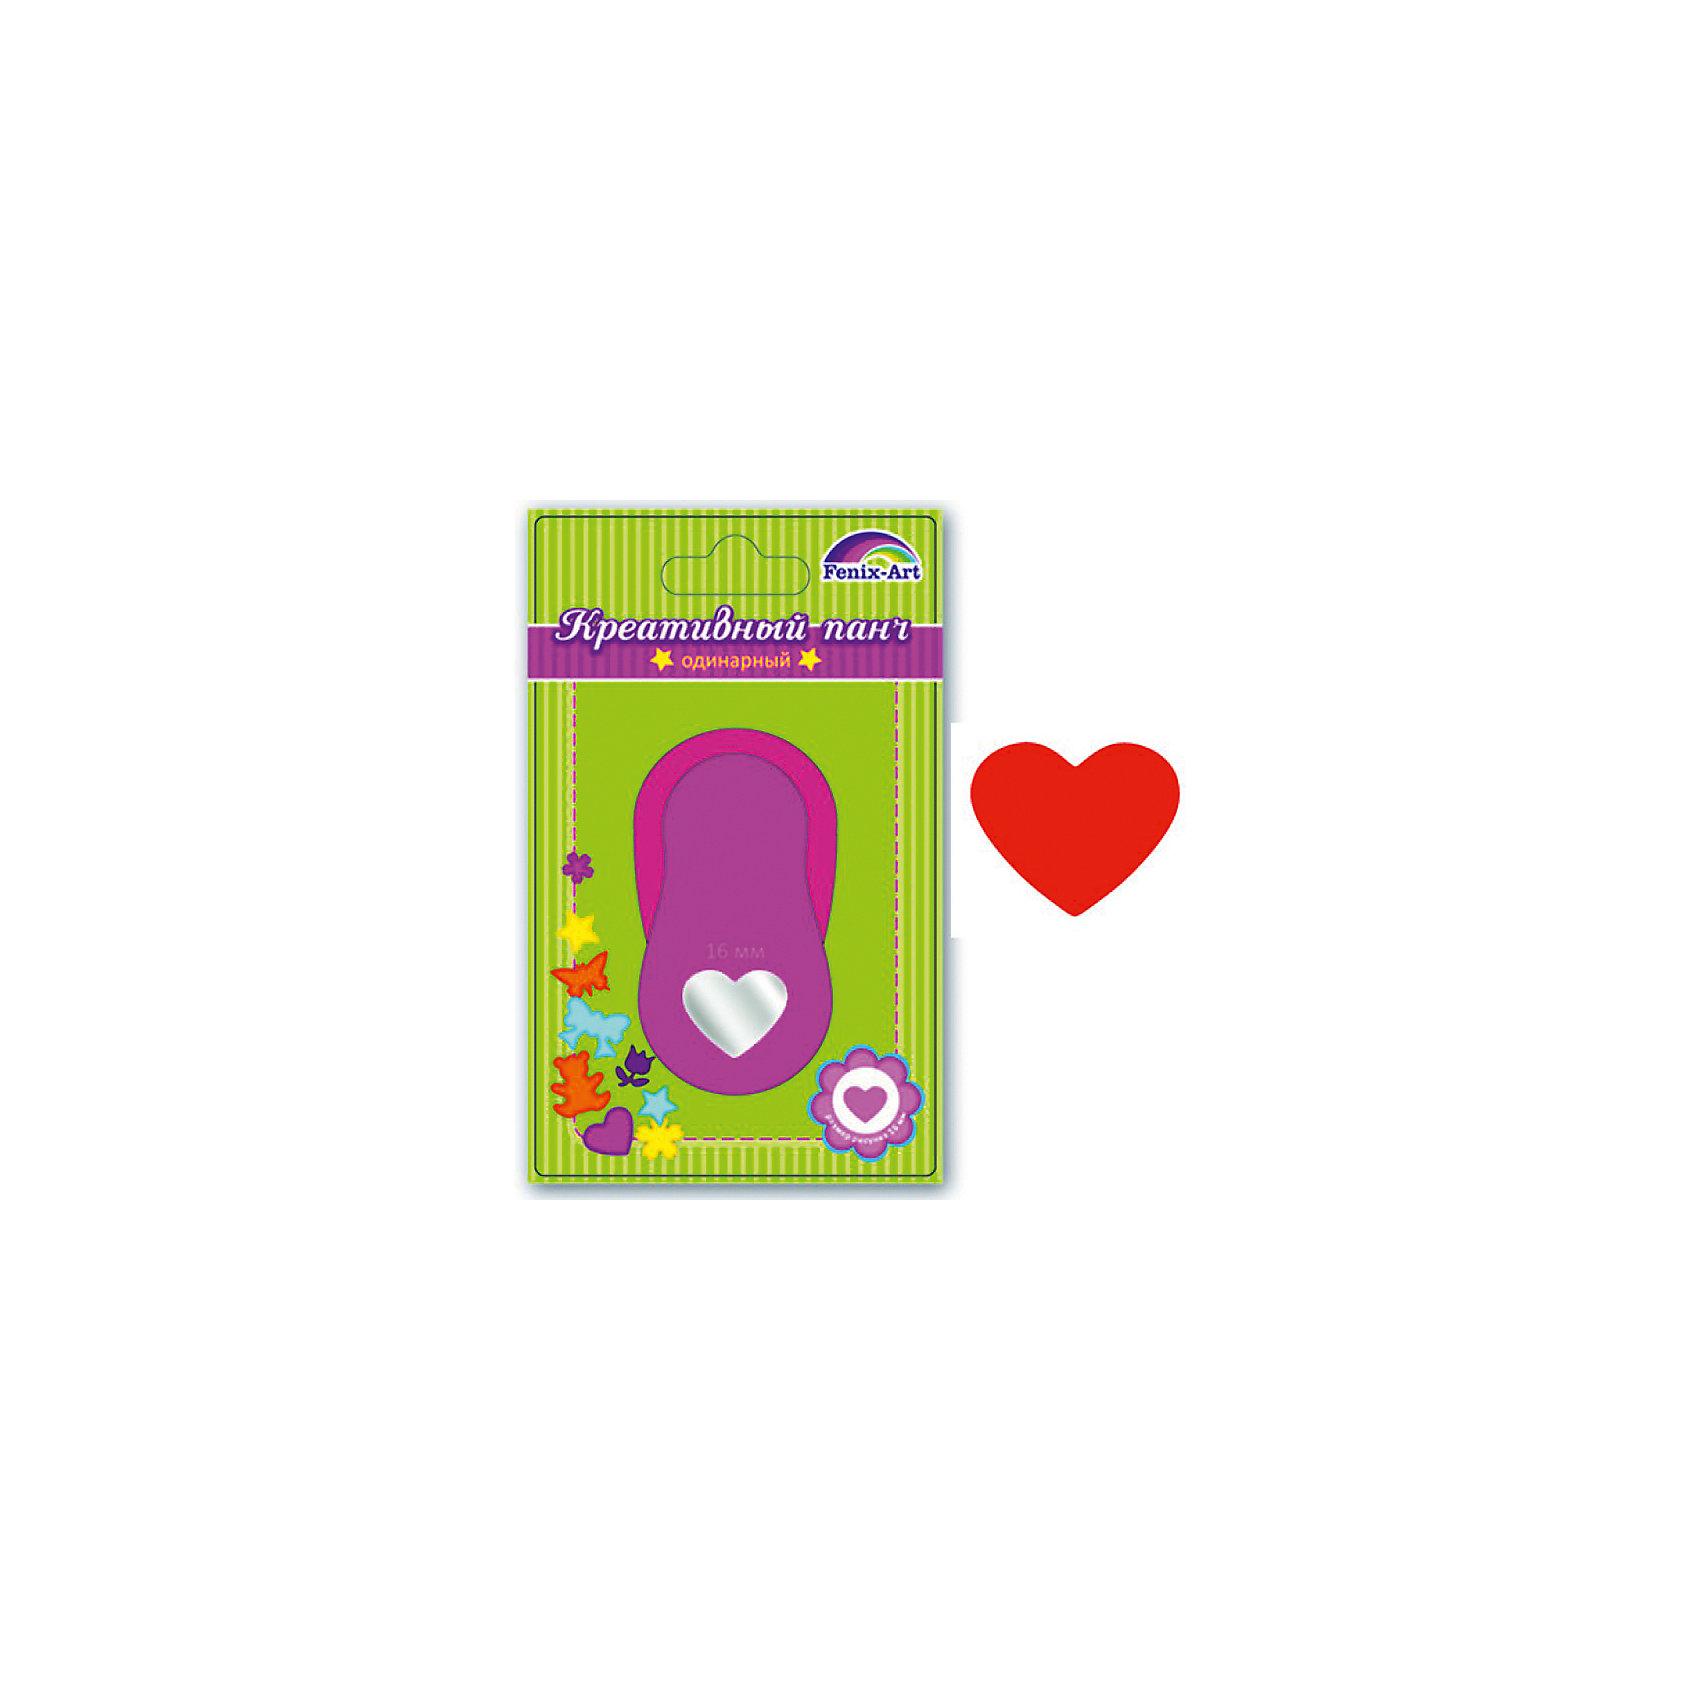 Панч-дырокол одинарный 16 мм Сердечко Феникс+Бумага<br>Панч-дырокол одинарный СЕРДЕЧКО/16мм (размер рисунка 16мм, размер панча 64х39х50мм, розовый цвет, в блистере)<br><br>Ширина мм: 160<br>Глубина мм: 85<br>Высота мм: 50<br>Вес г: 65<br>Возраст от месяцев: 72<br>Возраст до месяцев: 2147483647<br>Пол: Унисекс<br>Возраст: Детский<br>SKU: 7046274